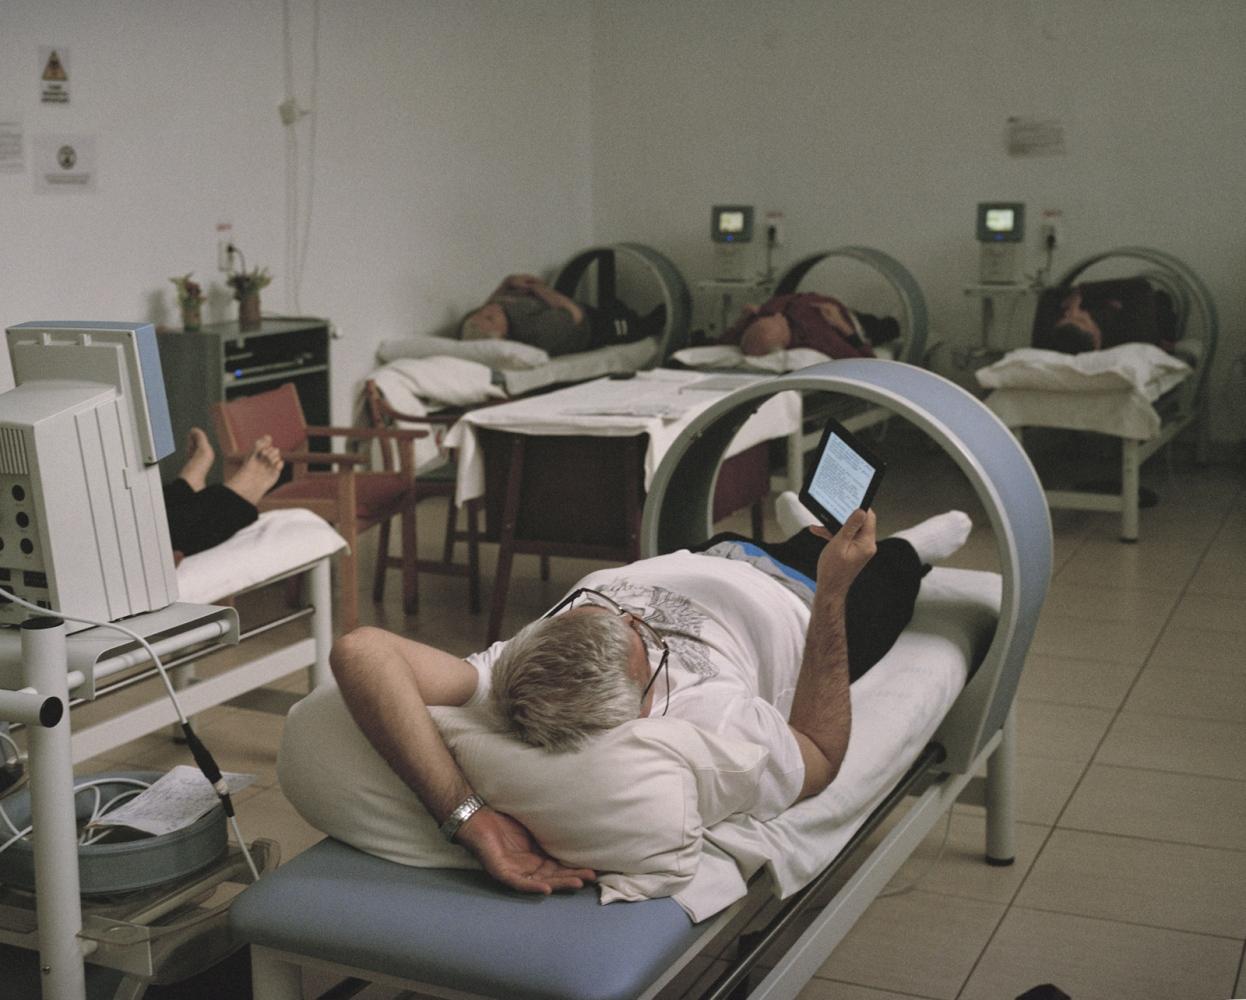 Romania, Techirghiol. A view of a sanatorium